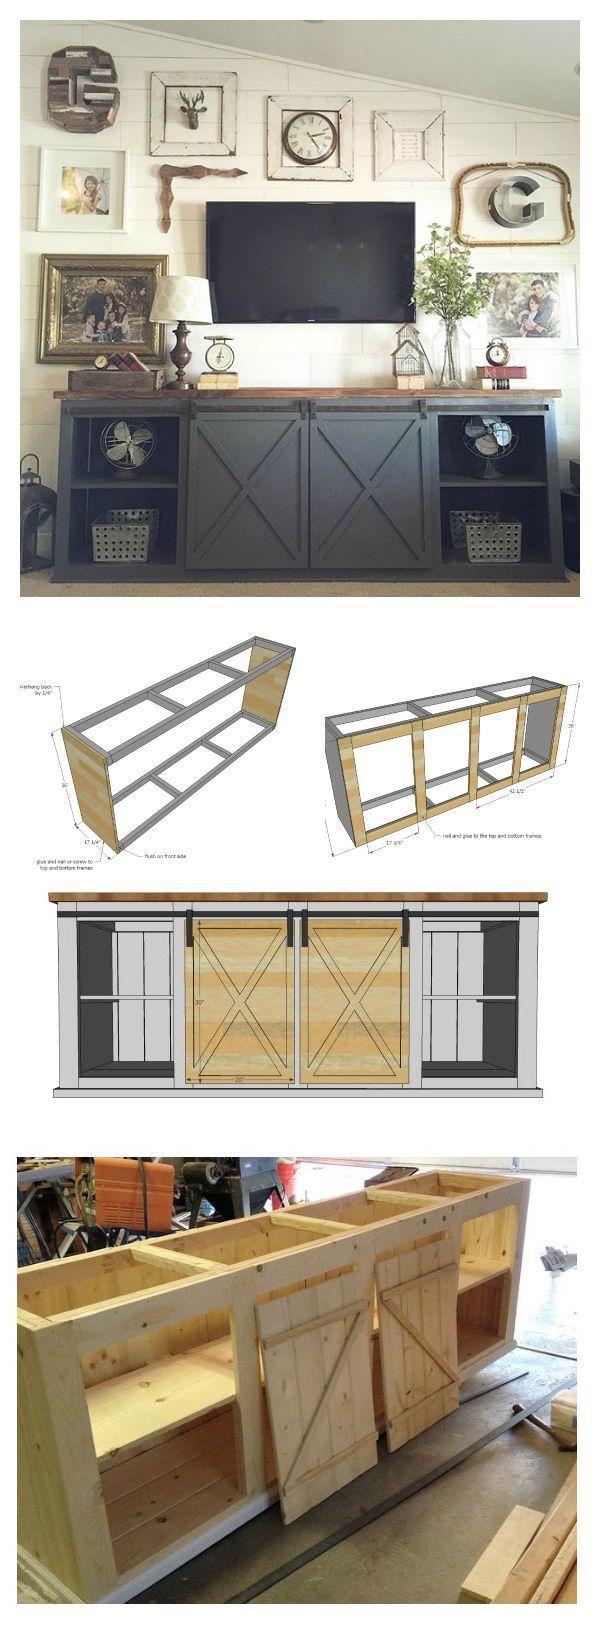 Pingl par jon bolton sur cool projects pinterest for Meuble bureau 76